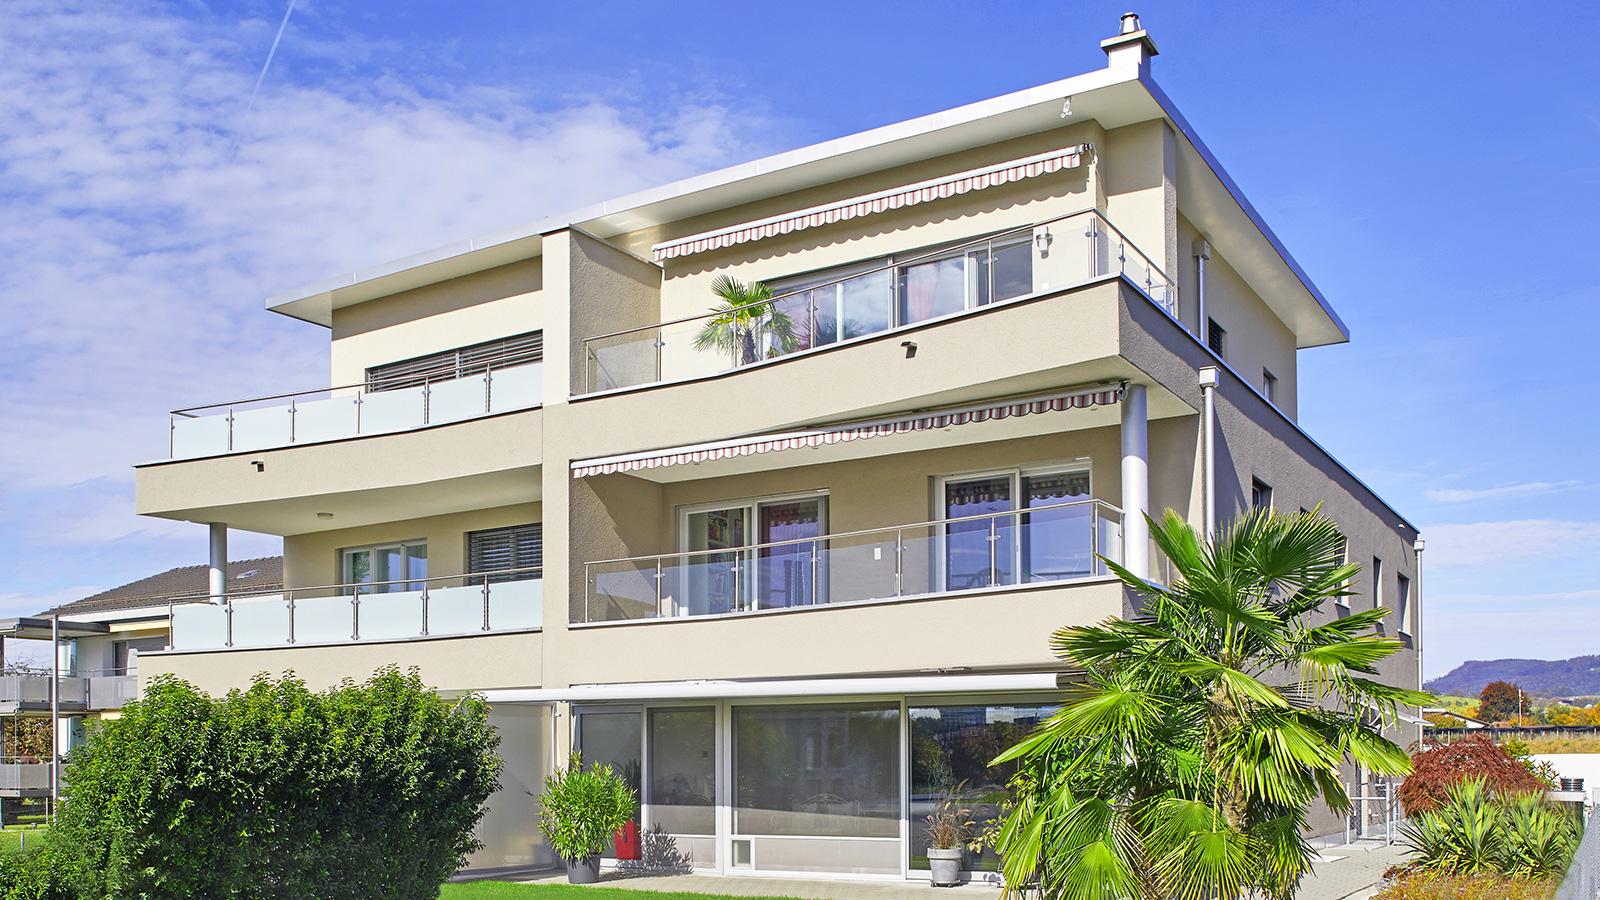 Modernes Haus mit Lift – viel Raum für Wohnen und Arbeiten